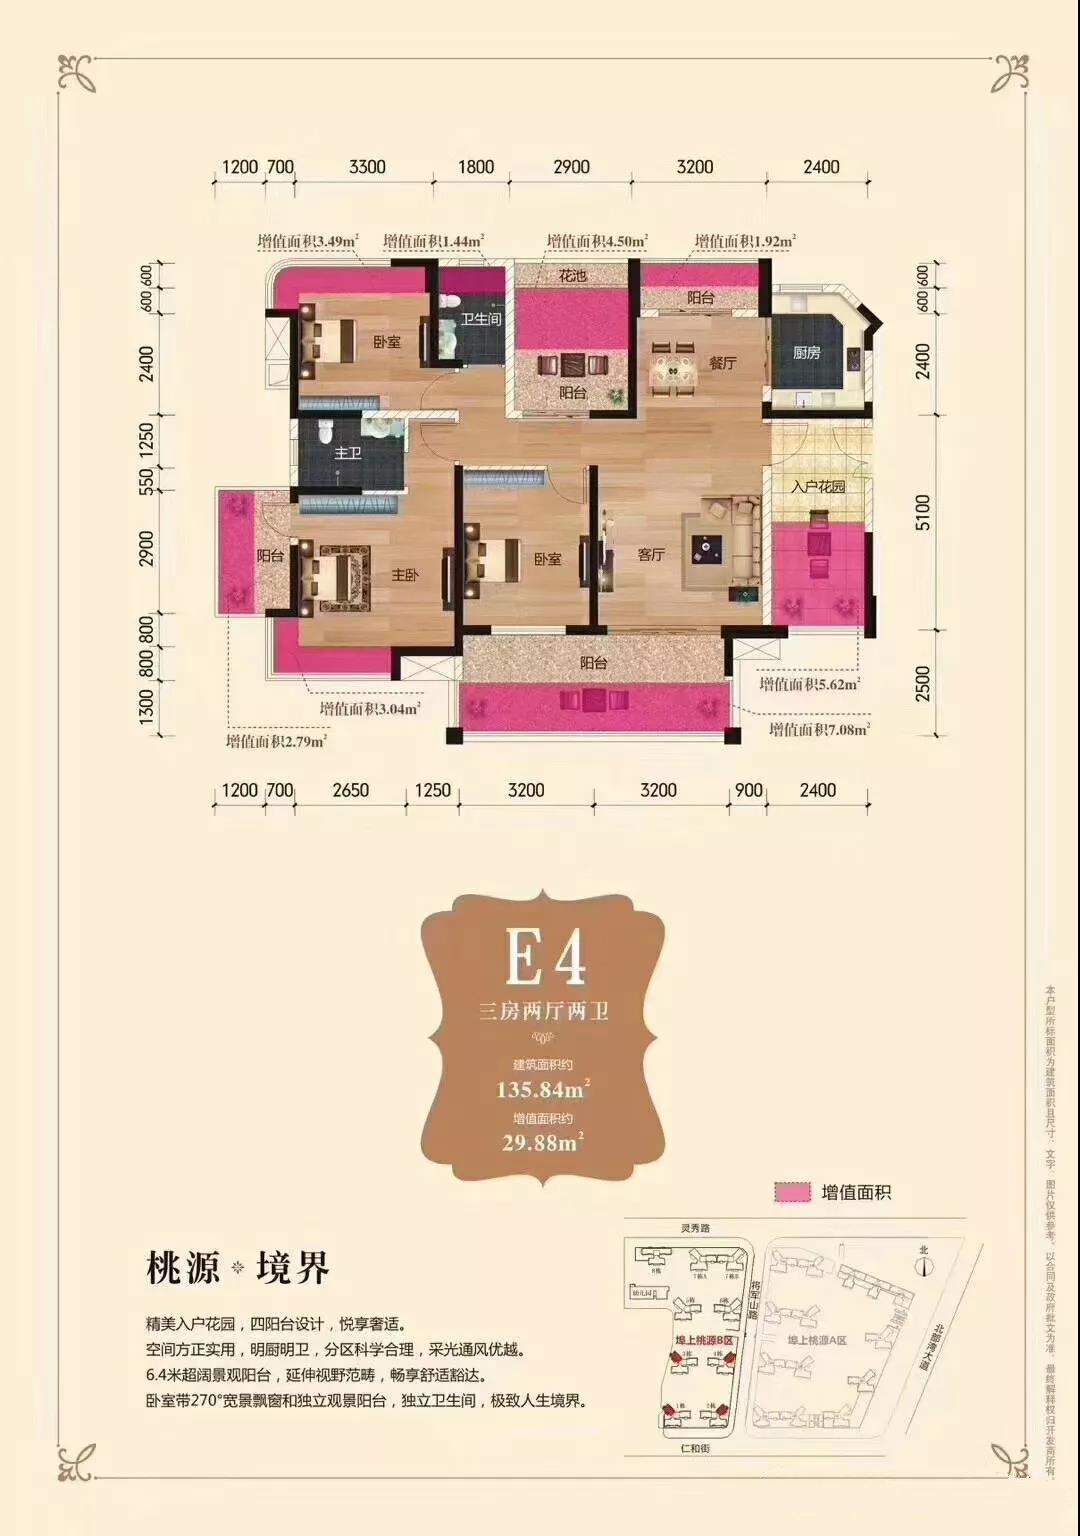 B区E4户型 3室2厅2卫1厨 建面135.84㎡